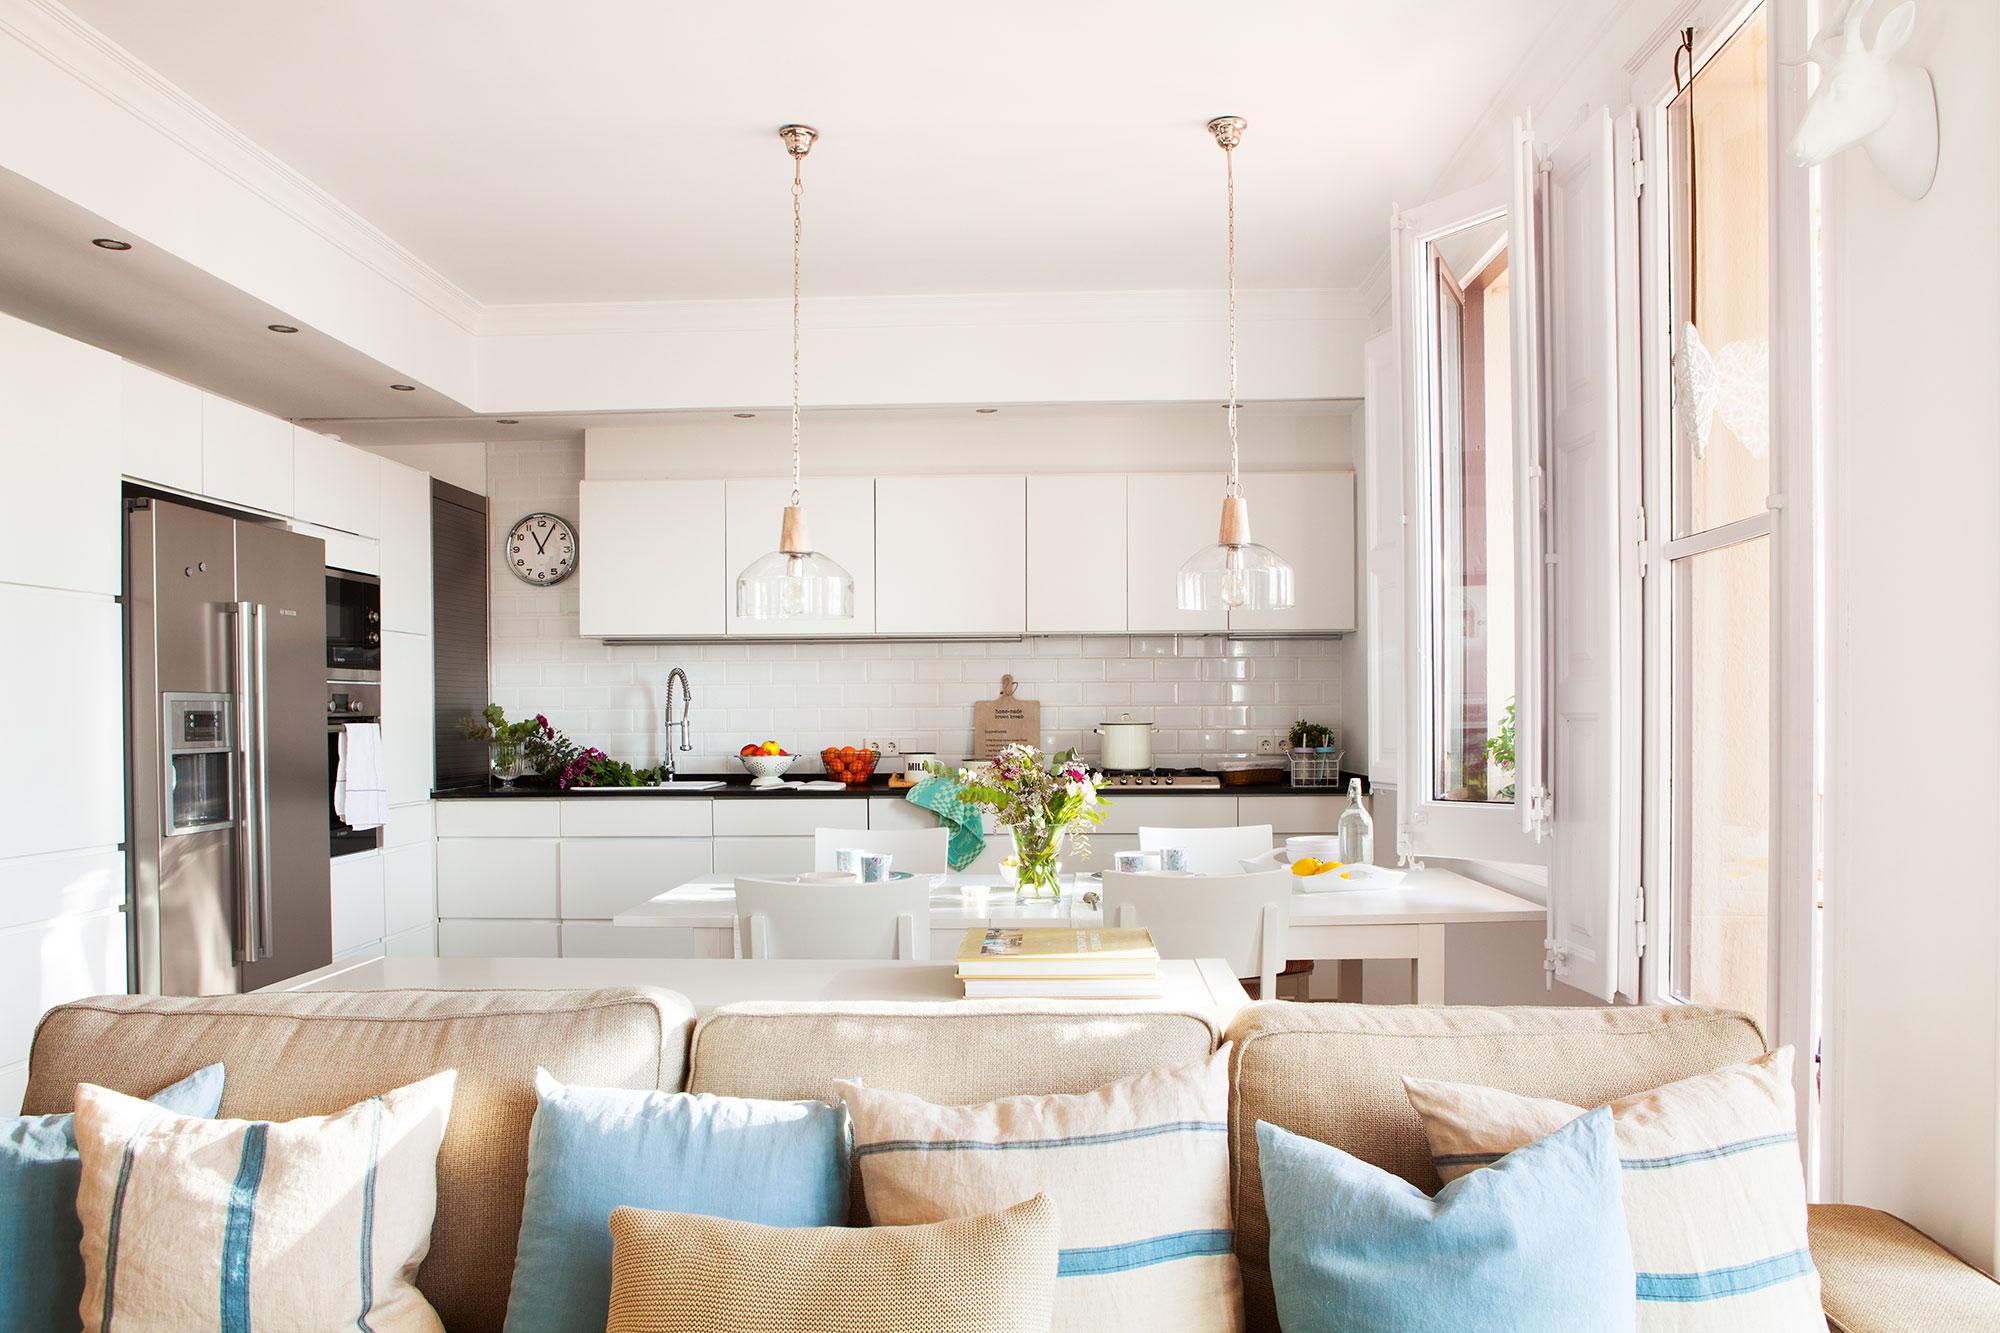 Cocinas pr cticas para cada tipo de necesidad y familia - Cocina salon comedor ...